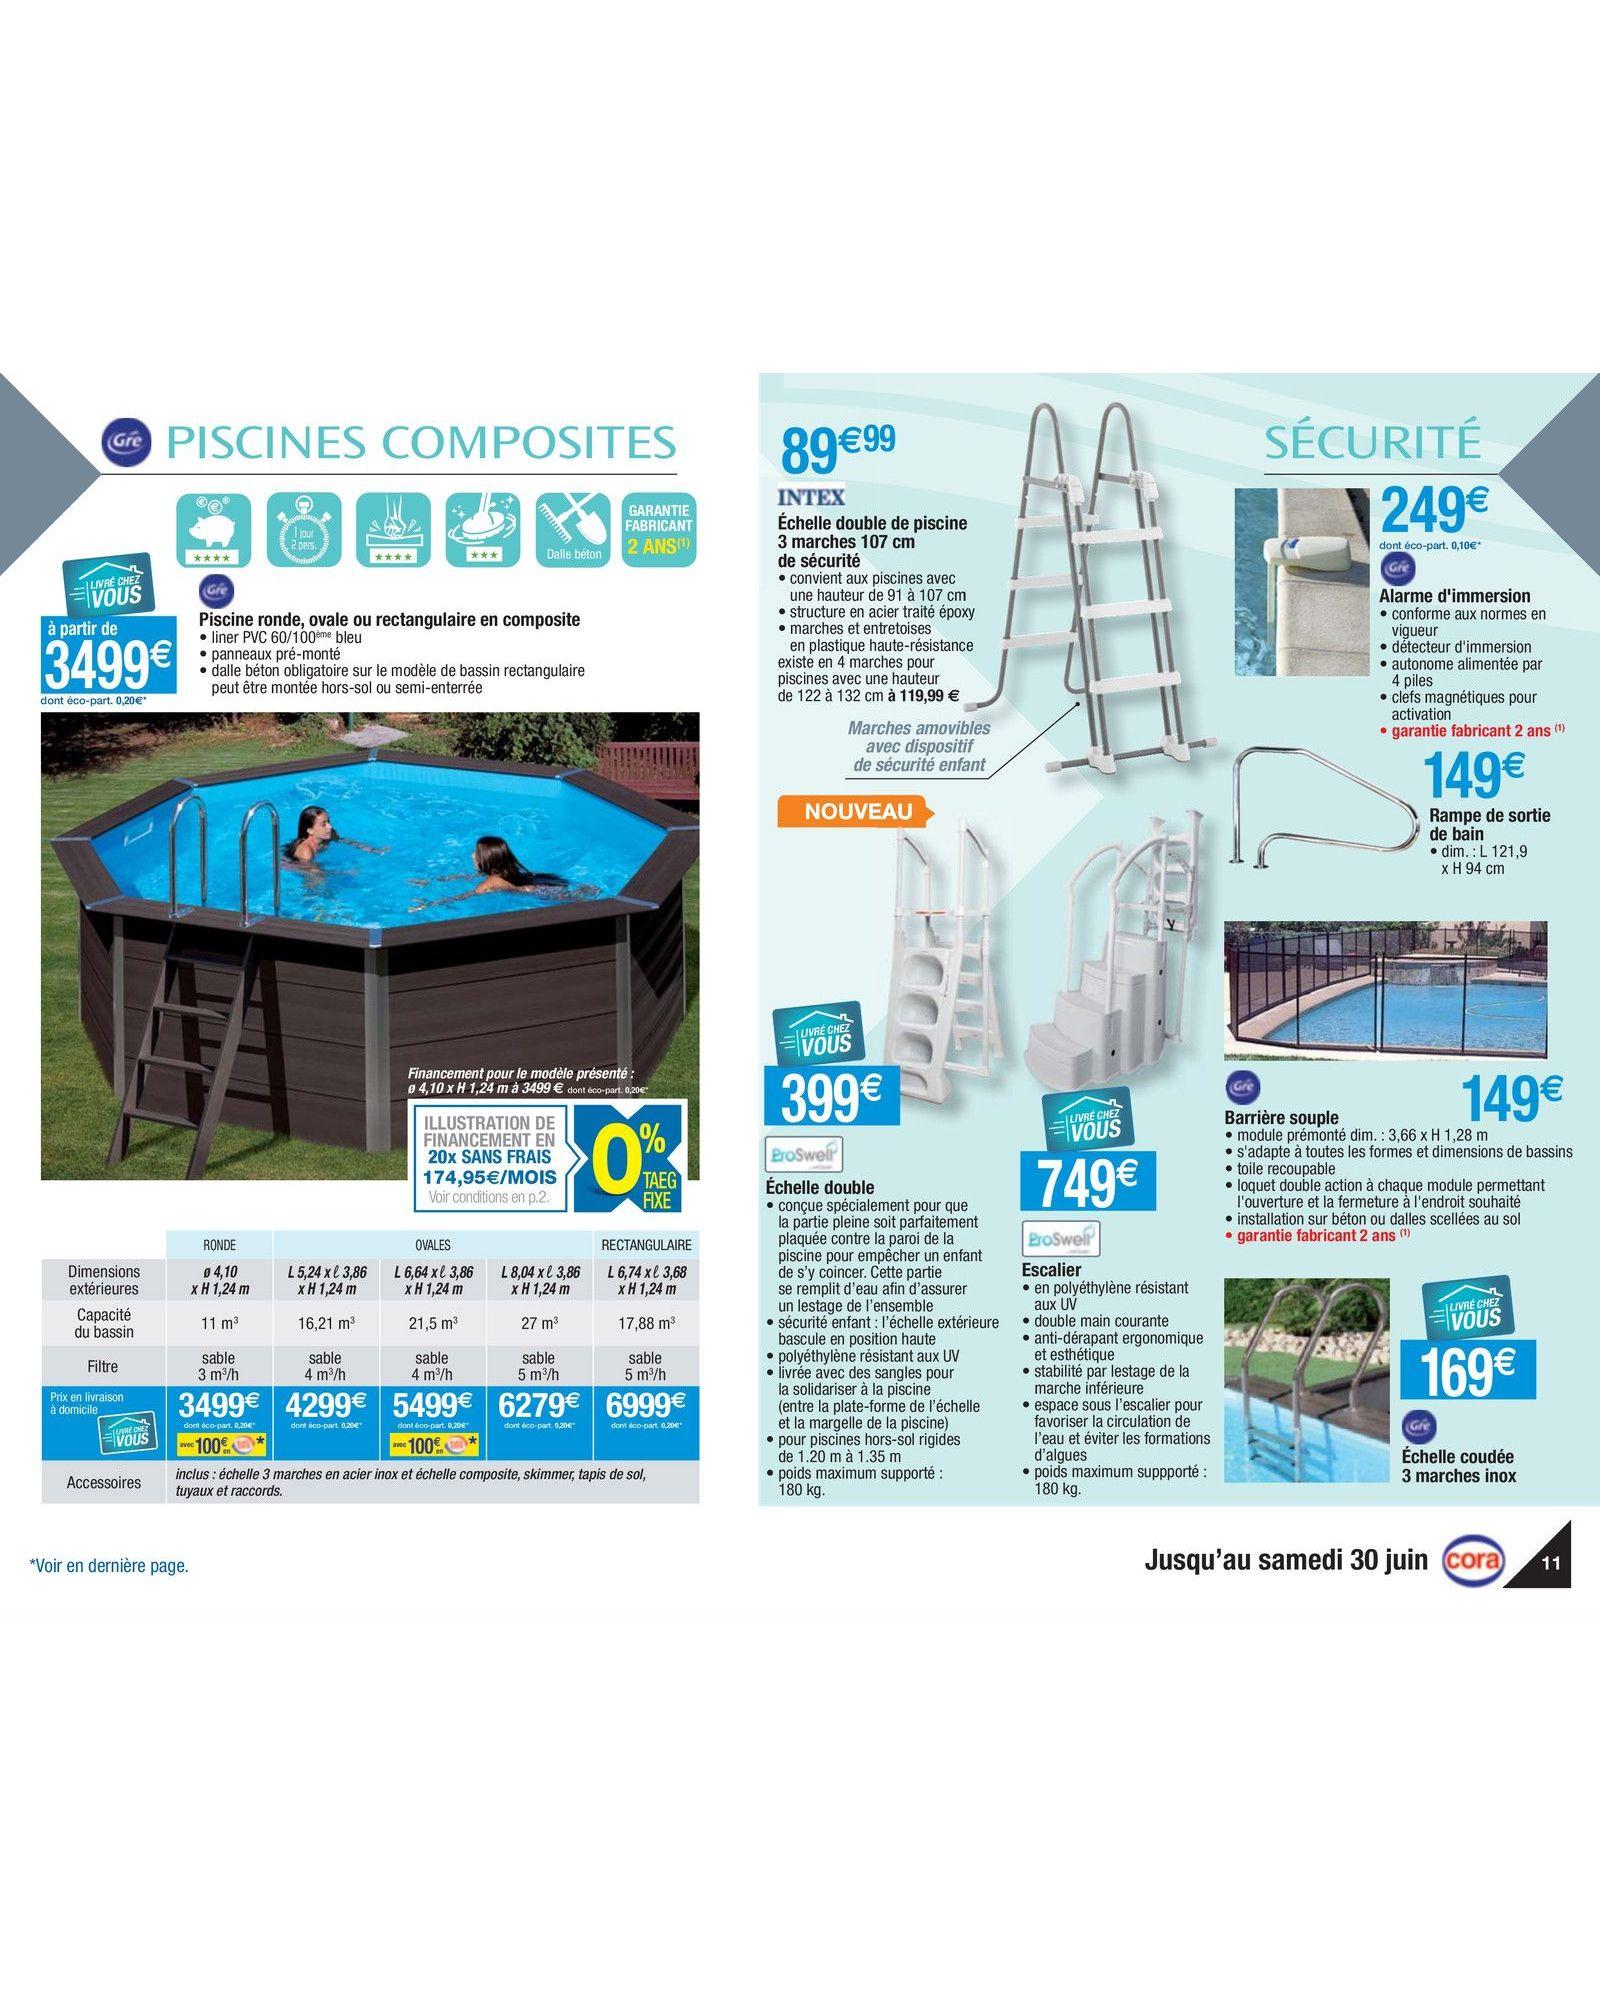 alarme piscine cora